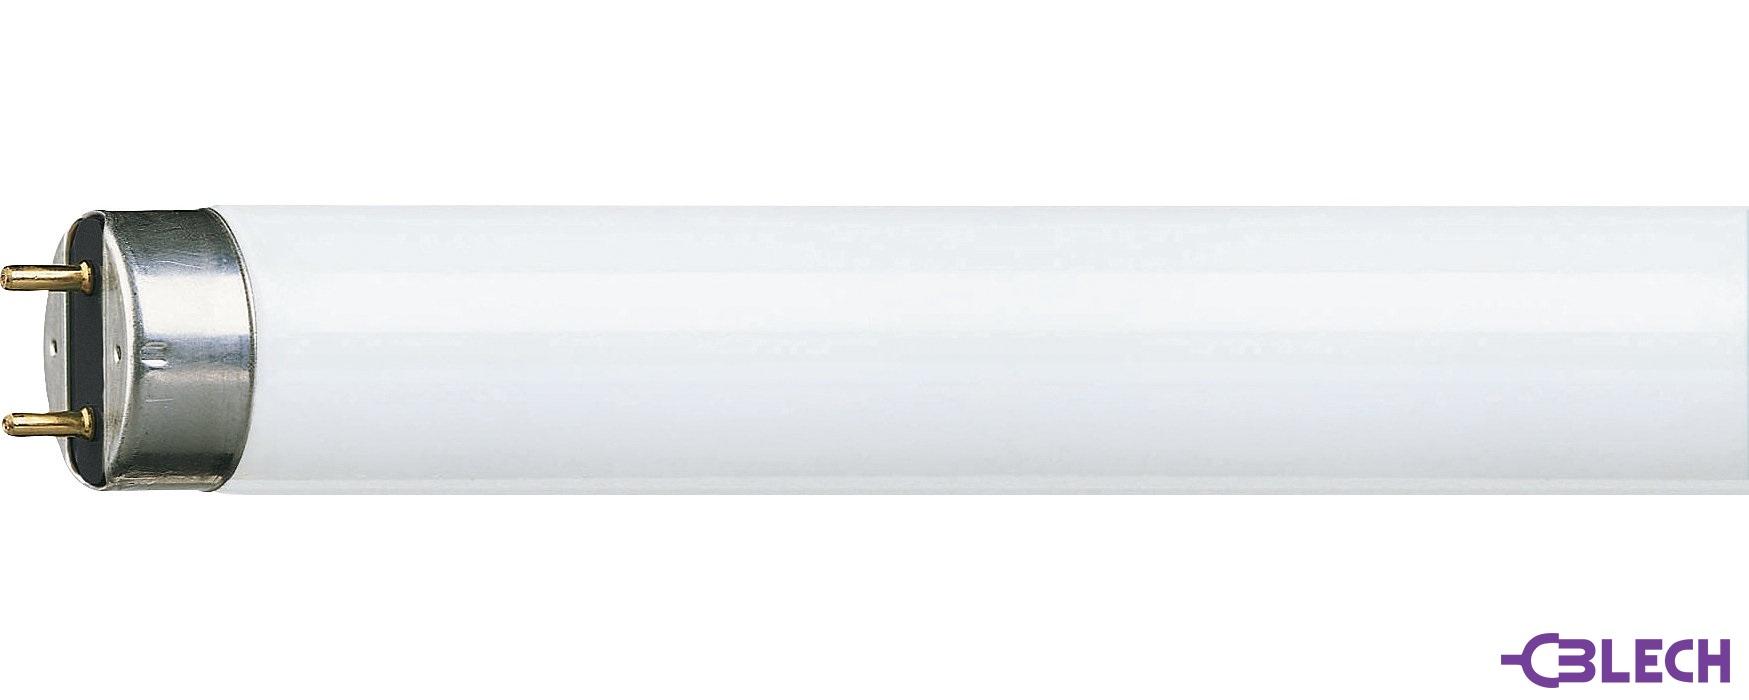 Świetlówka G13 18W 840 4000K Philips Master TLD Super